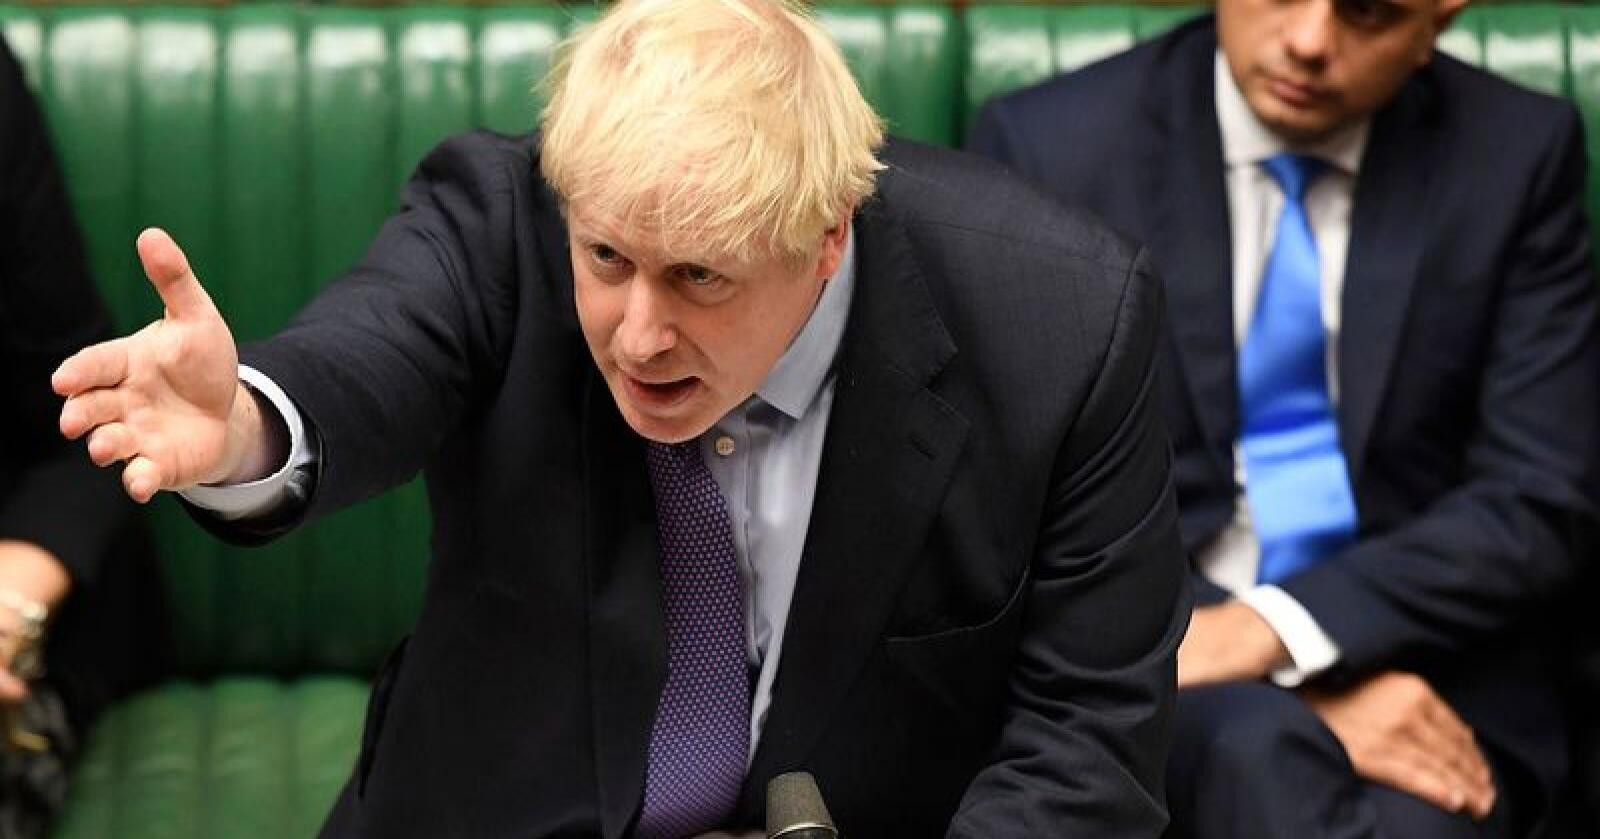 Boris Johnson gestikulerer under et innlegg i Underhuset tirsdag. Parlamentet stemte for Johnsons brexitavtale, men stemte mot statsministerens tidsplan for prosessen. Dermed går det mot enda en brexitutsettelse. Foto: Jessica Taylor / Underhuset / AP / NTB scanpix